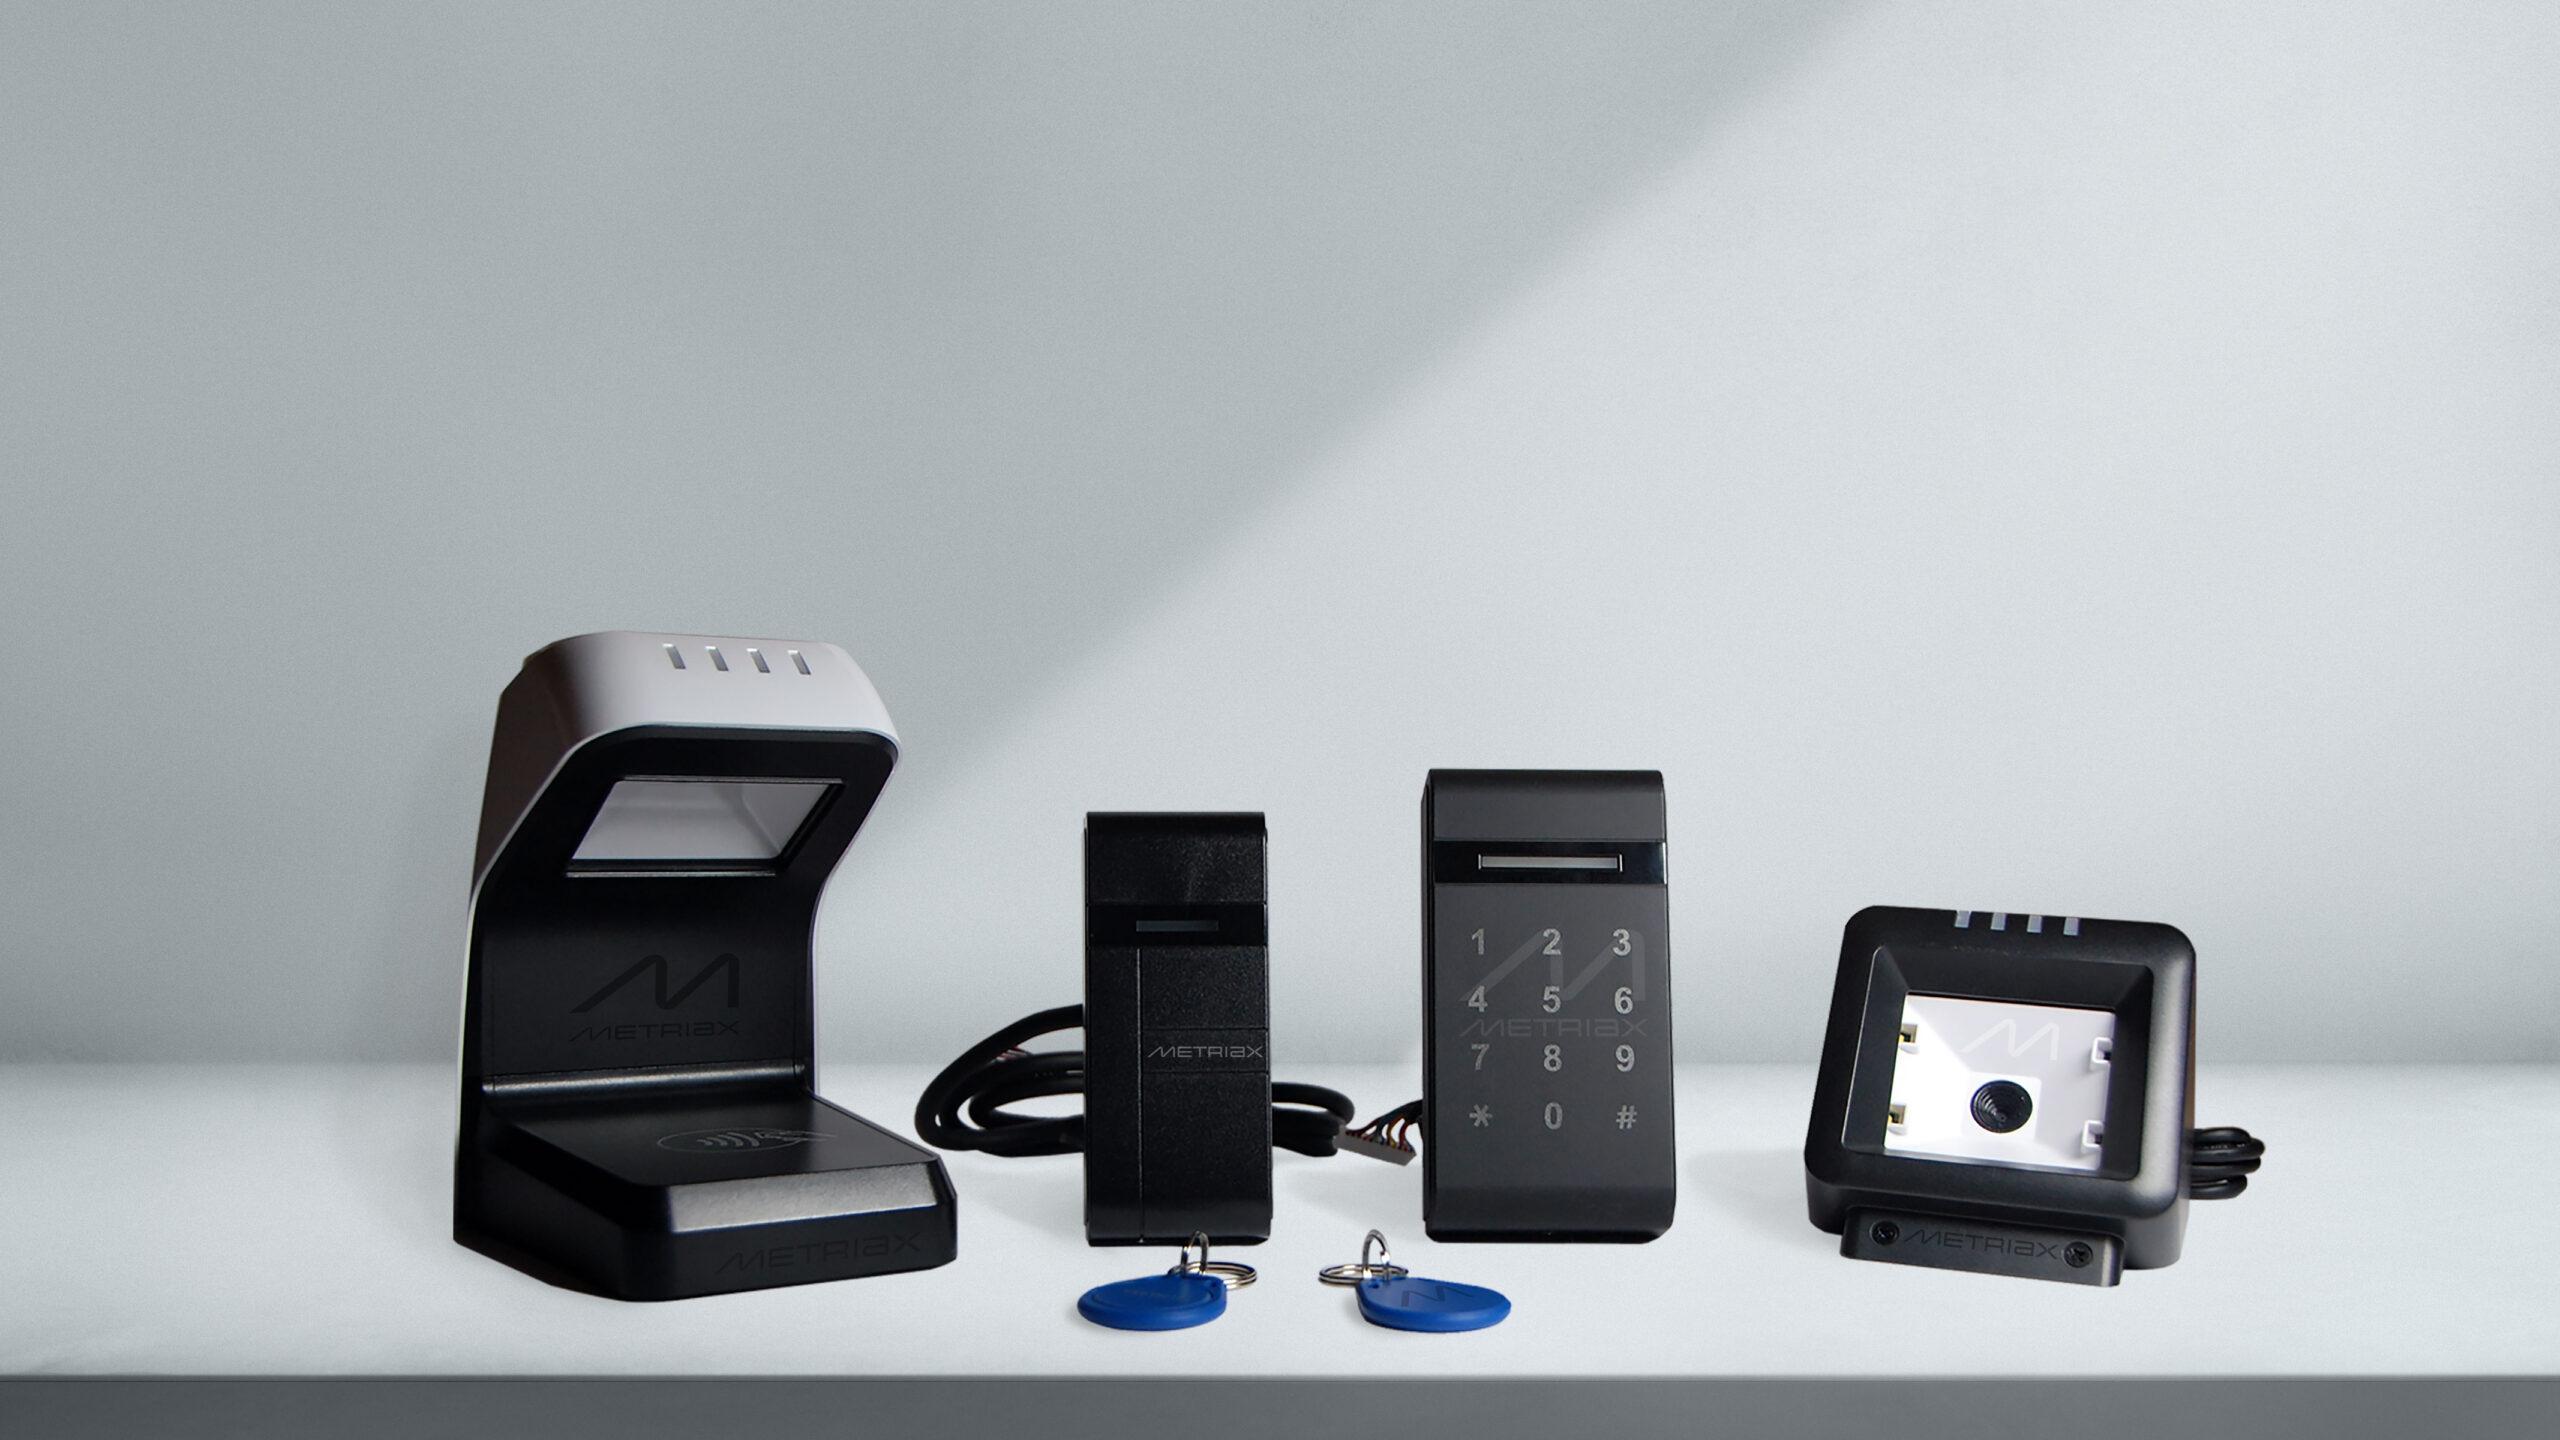 Metriax-RFID Leser-NFC Lesegerät-RFID Keyfob-QR code RFID Lesegerät